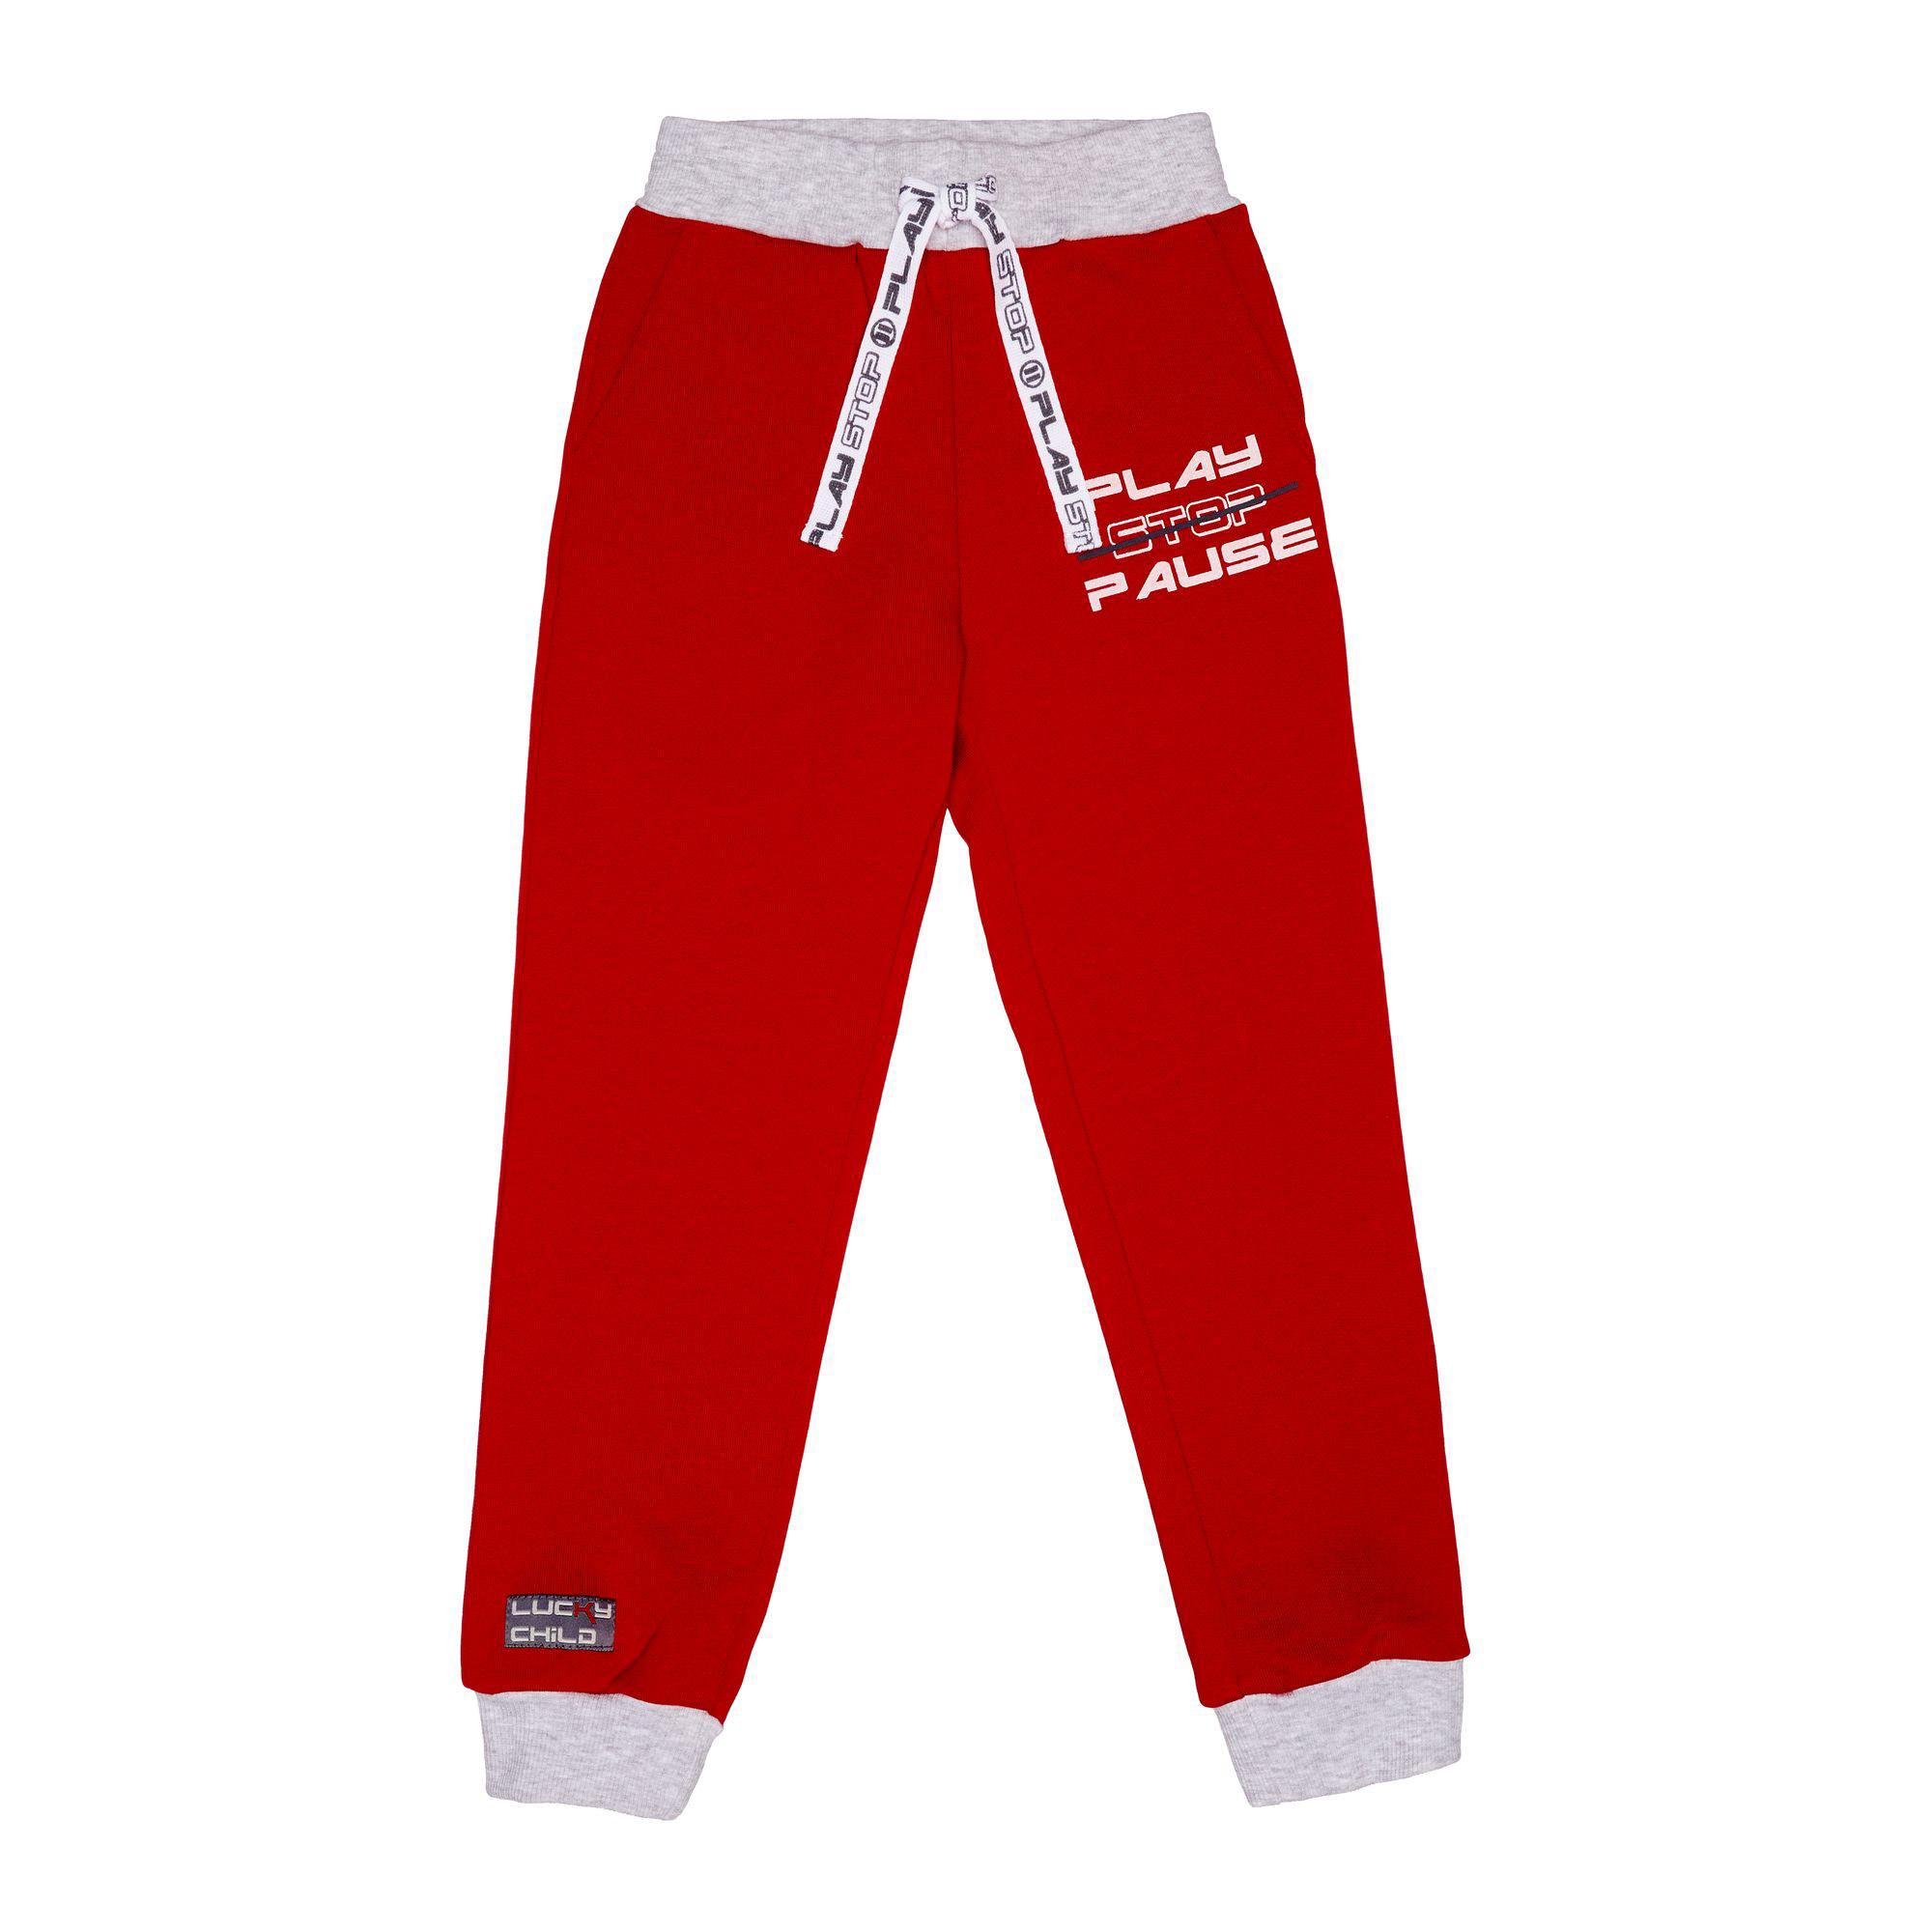 Спортивные брюки Lucky Child Больше пространства красные 128-134